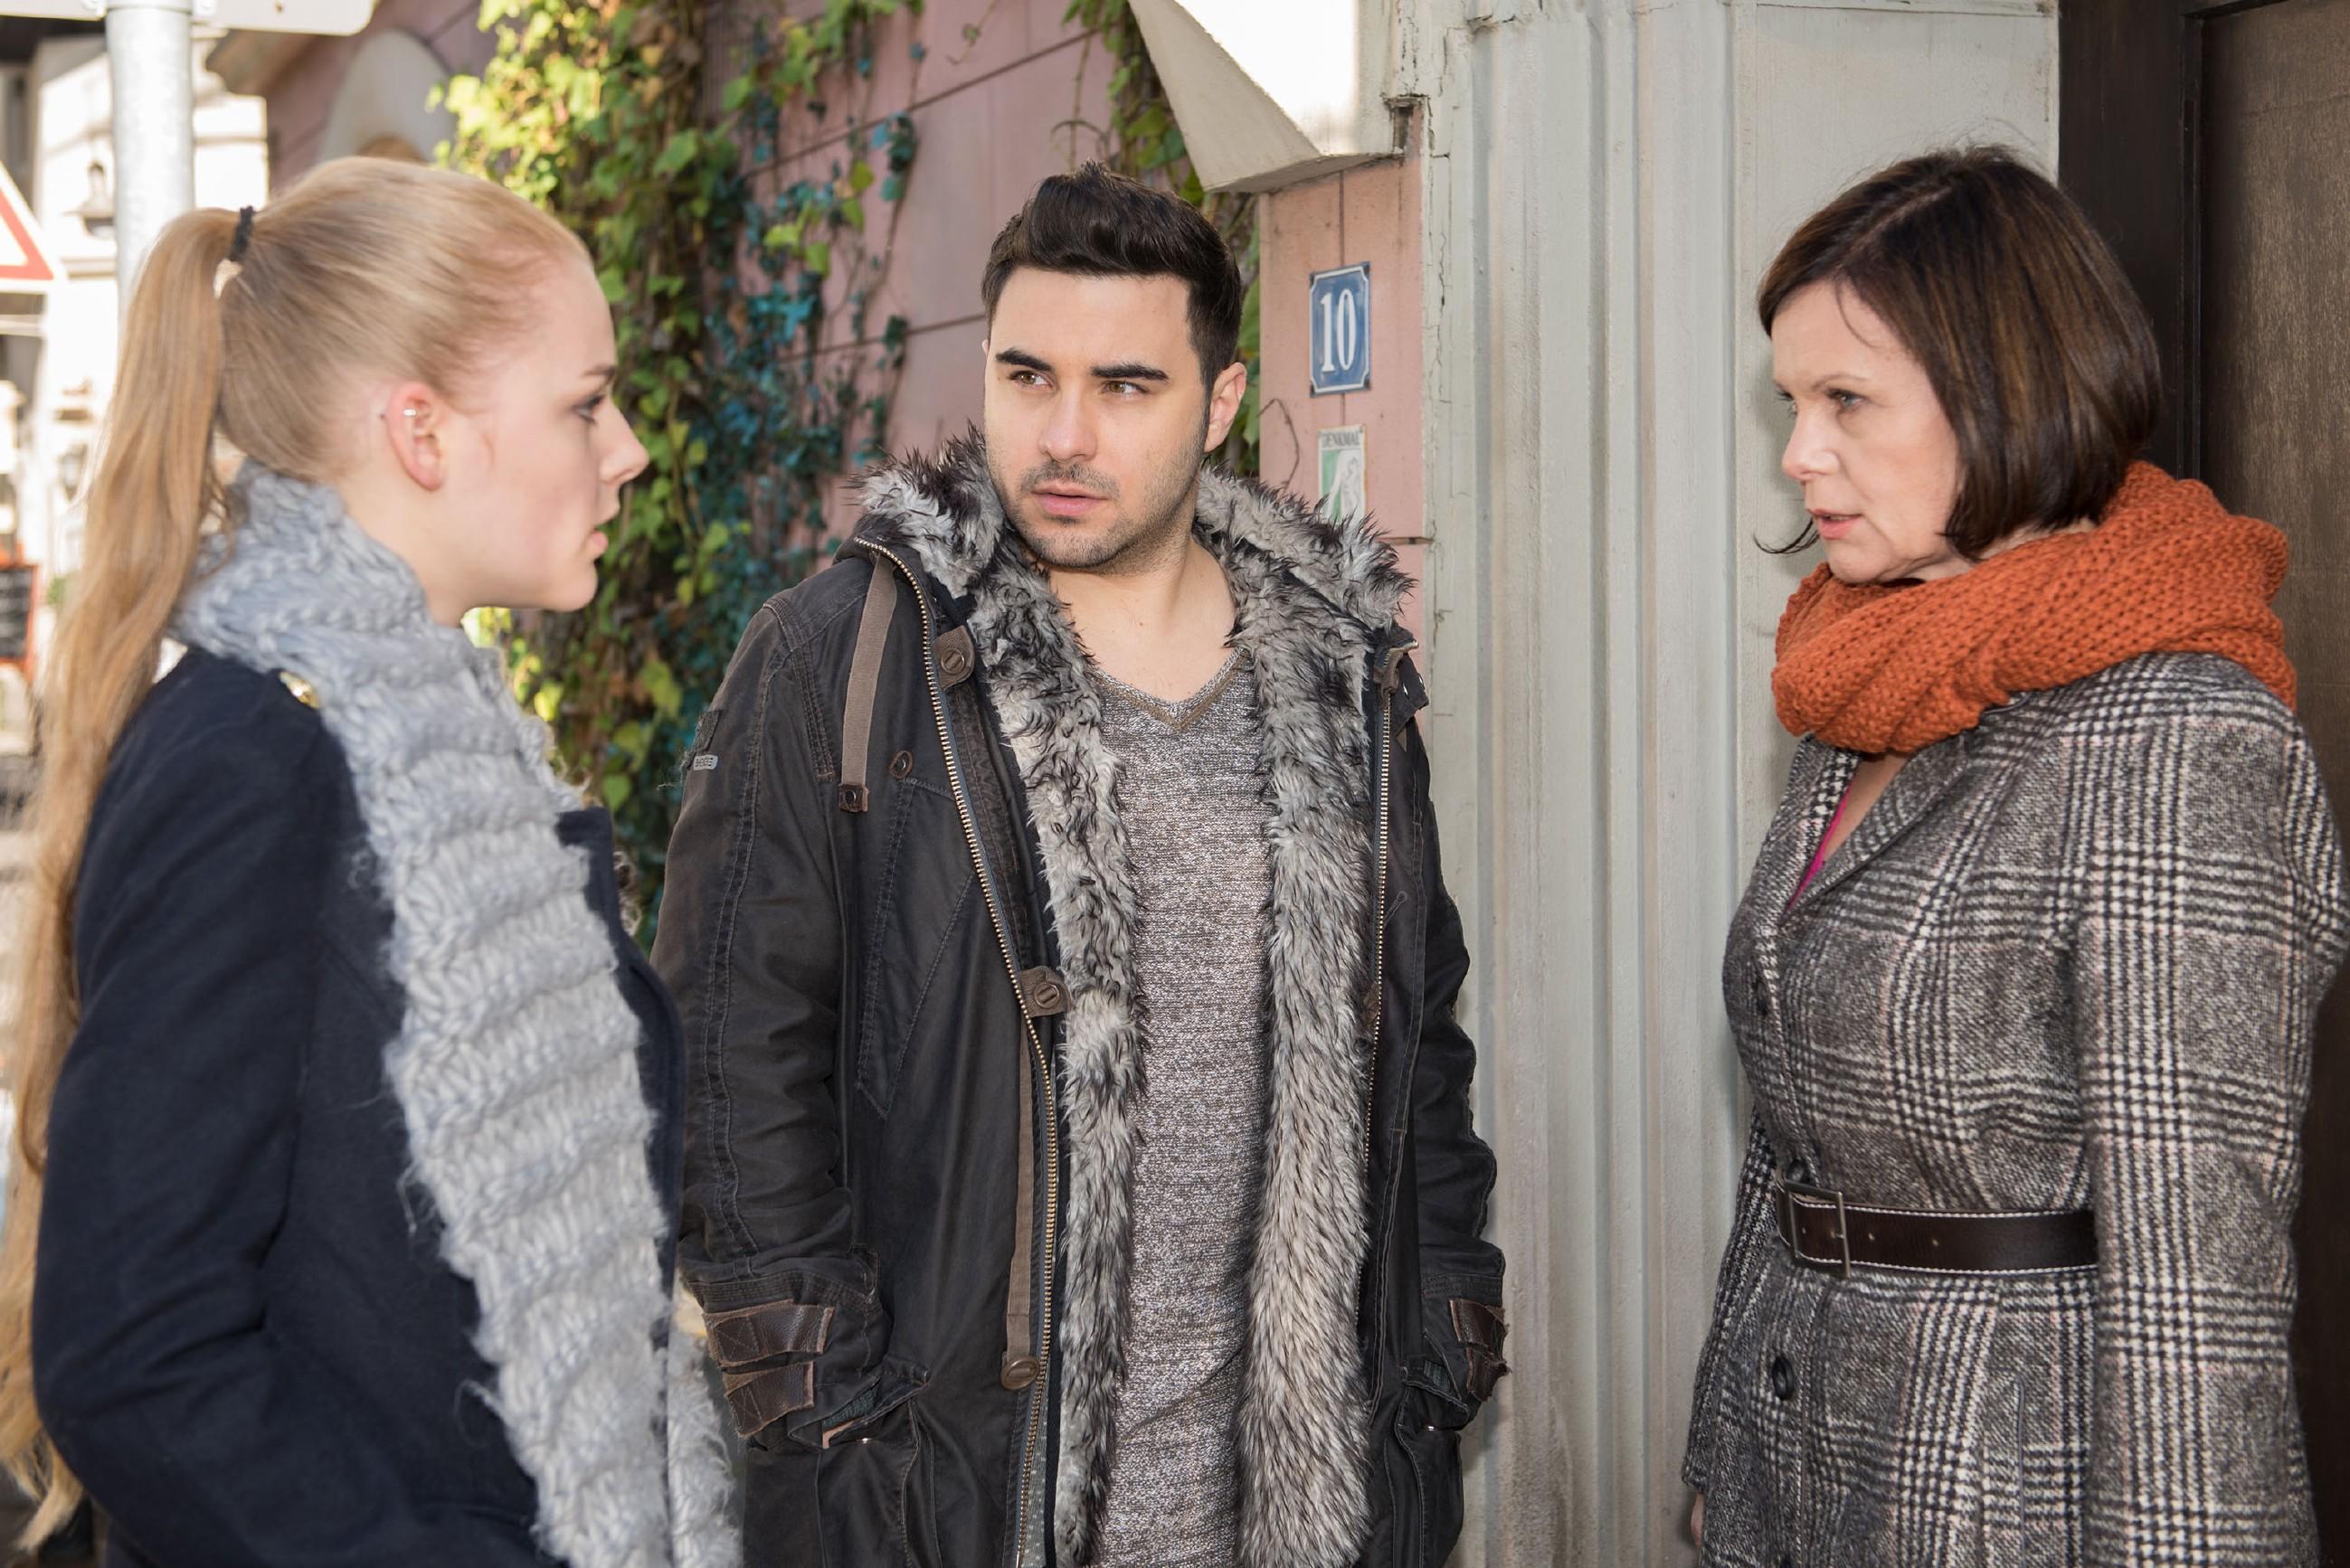 Im Beisein von Irene (Petra Blossey, r.) fliegt Fionas (Olivia Burkhart) Lüge vor dem fassungslosen Easy (Lars Steinhöfel) auf... (Quelle: RTL / Stefan Behrens)